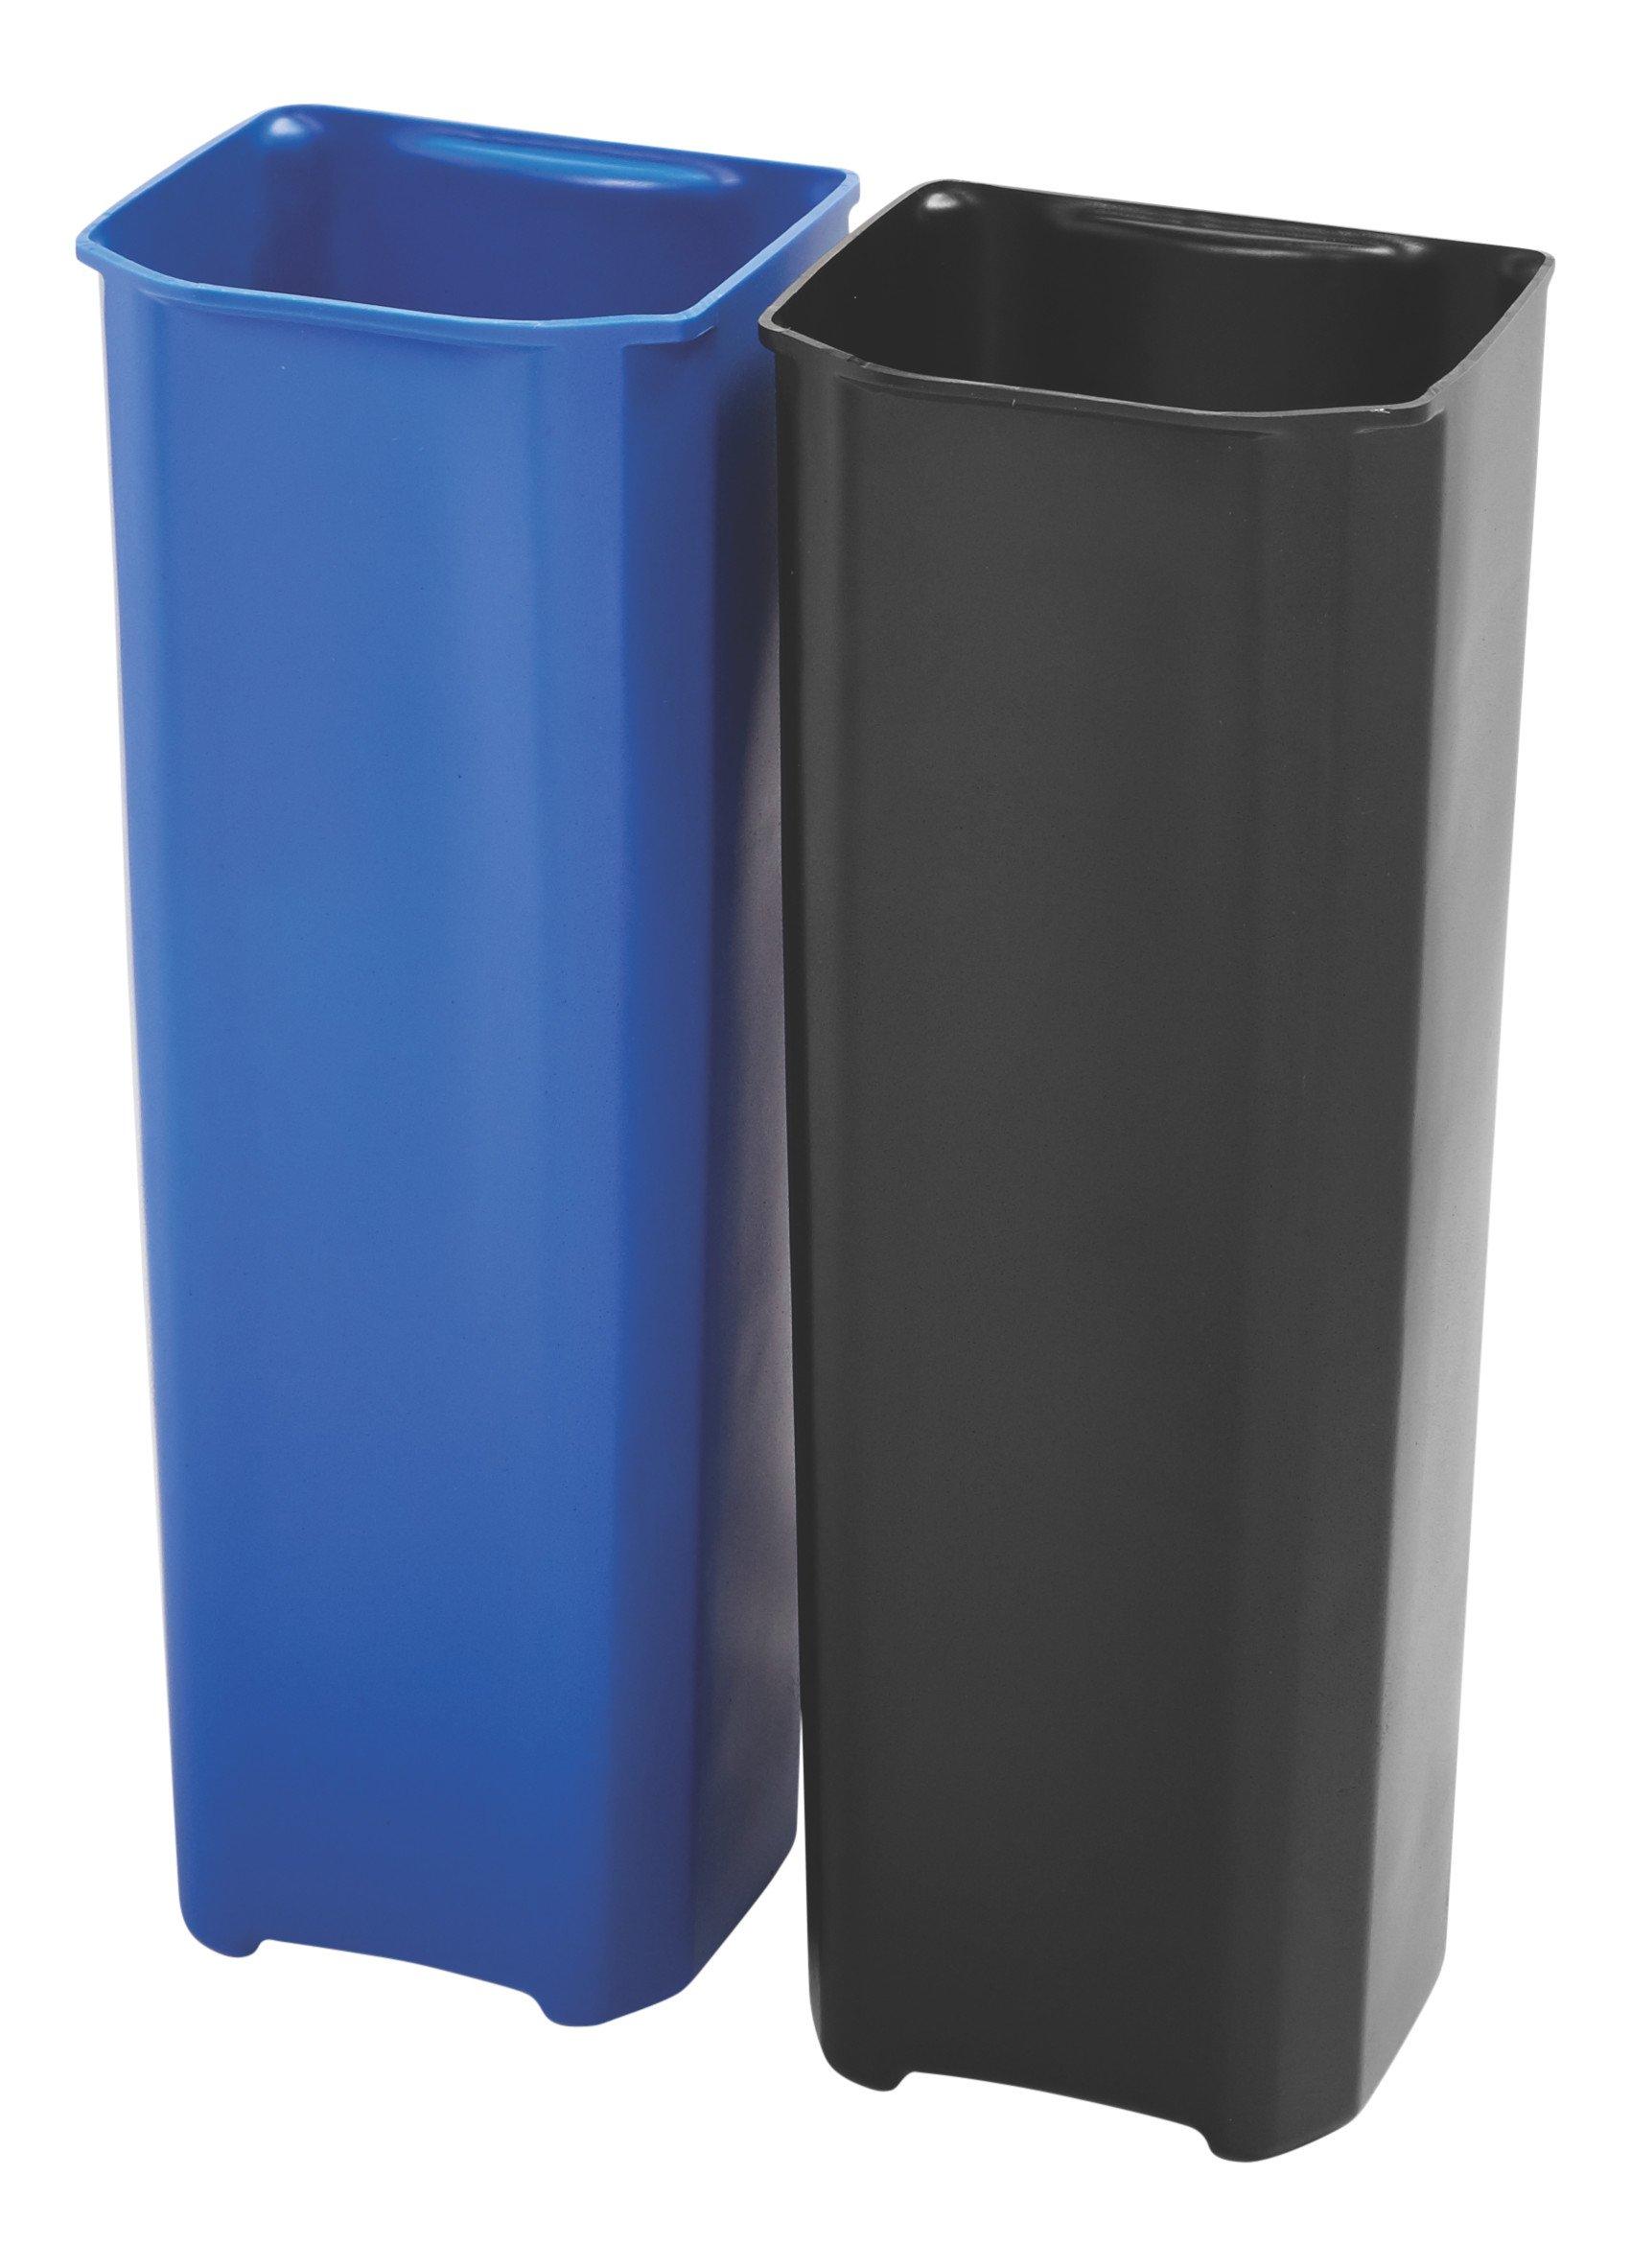 Rubbermaid Commercial Slim Jim End Step-On Trash Dual Rigid Liner Set, Metal, 13 Gallon, Black/Blue